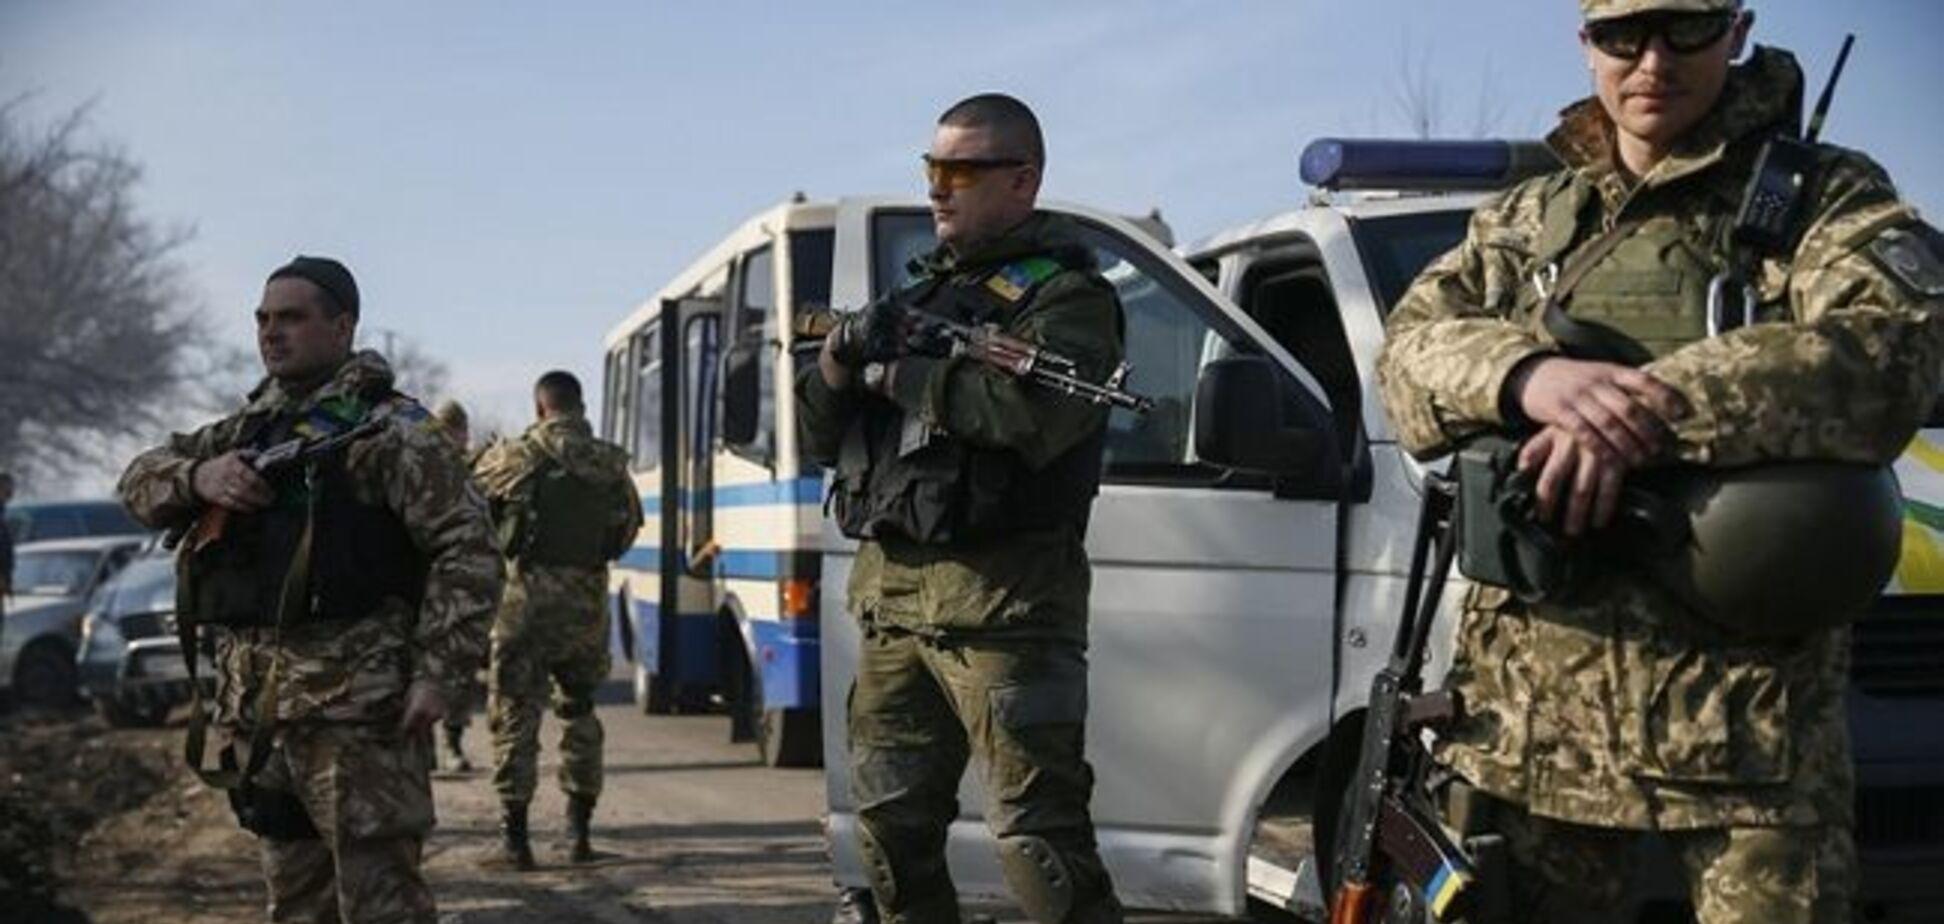 Обмін полоненими: названі імена десятків українців в ОРДЛО